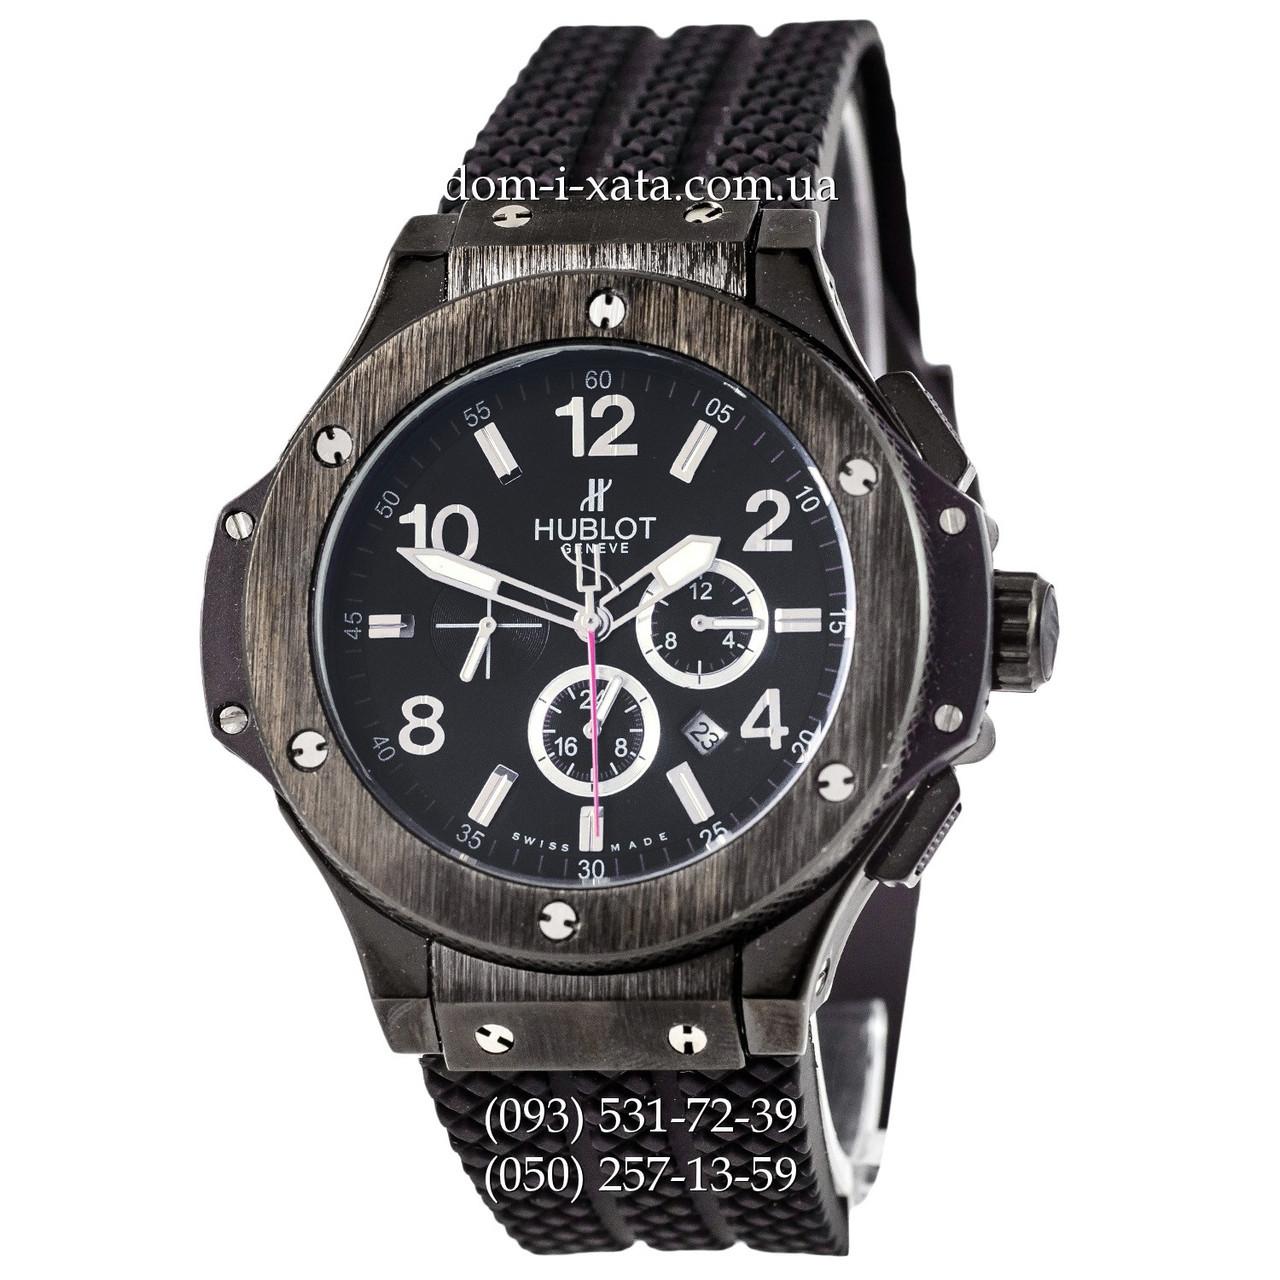 Мужские наручные часы Hublot Big Bang All Black, механические часы с автоподзаводом Хублот, реплика